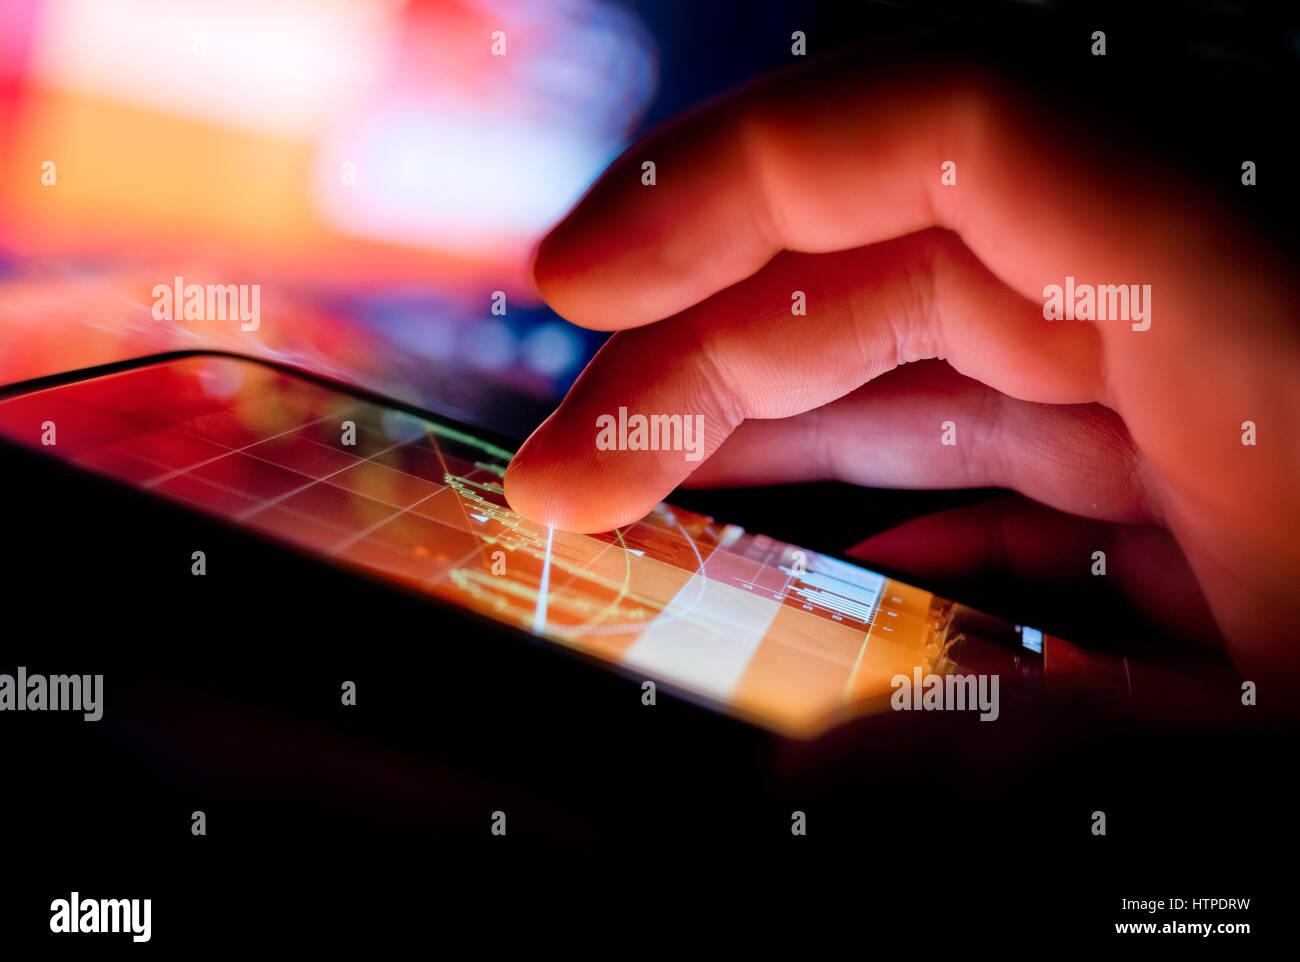 Une personne utilisant un appareil portable pour afficher des données commerciales. Concept de la technologie Photo Stock